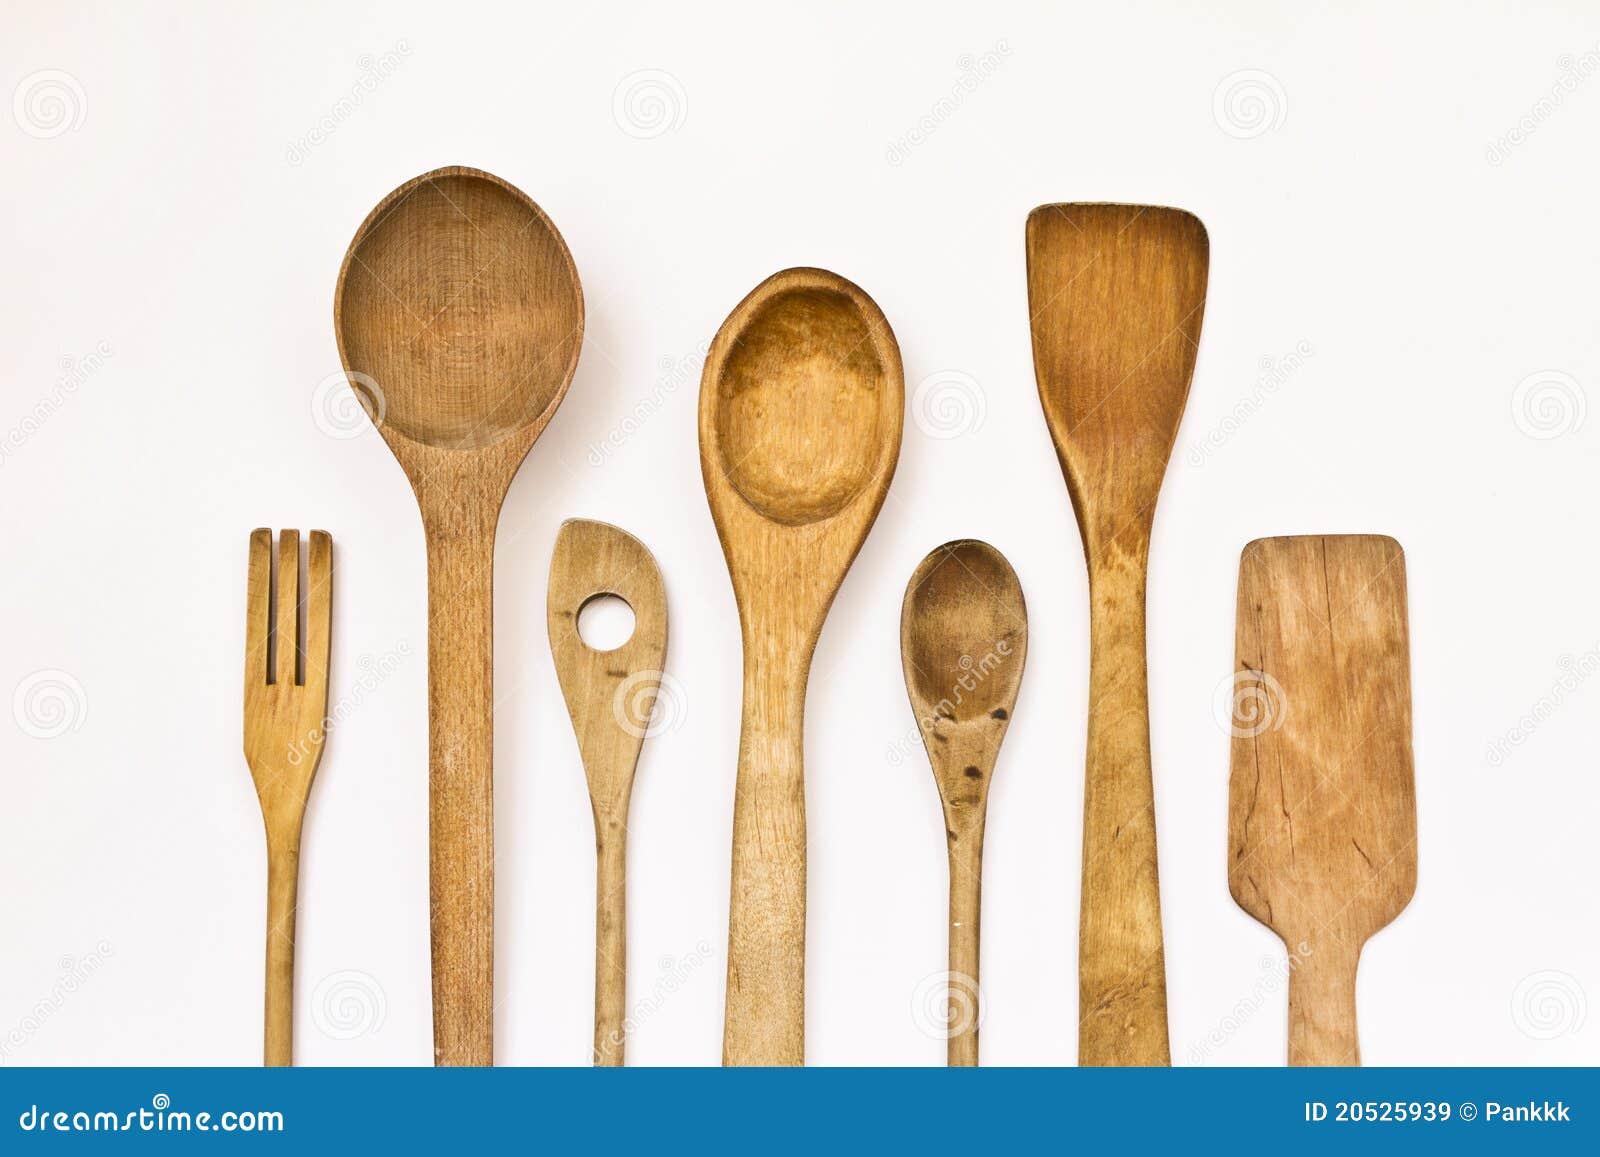 Ustensiles en bois de cuisine images libres de droits for Utensilios de cocina mexicana